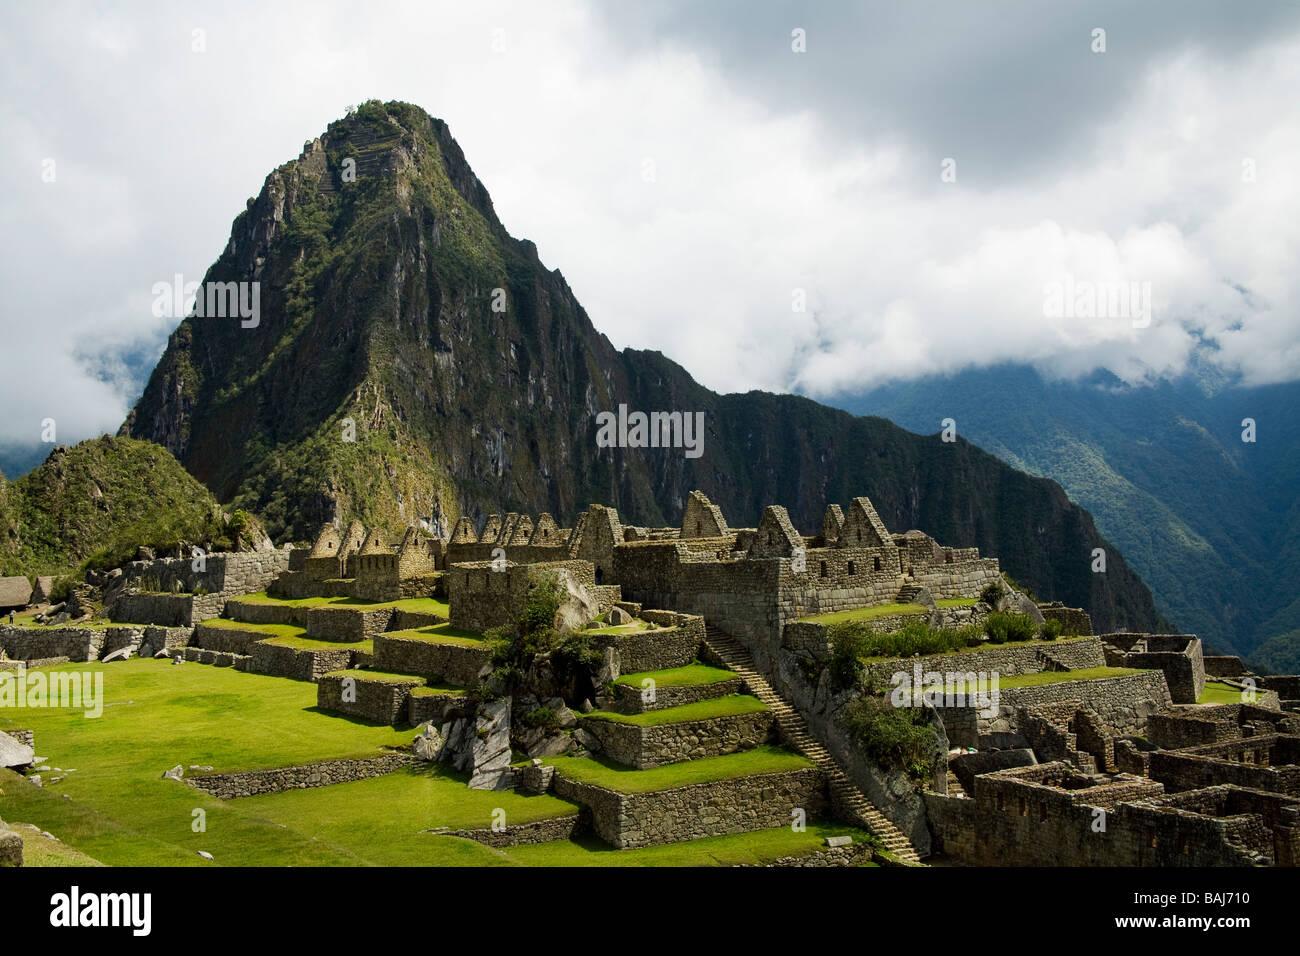 Huayna Picchu in the background at Machu Picchu, Peru - Stock Image